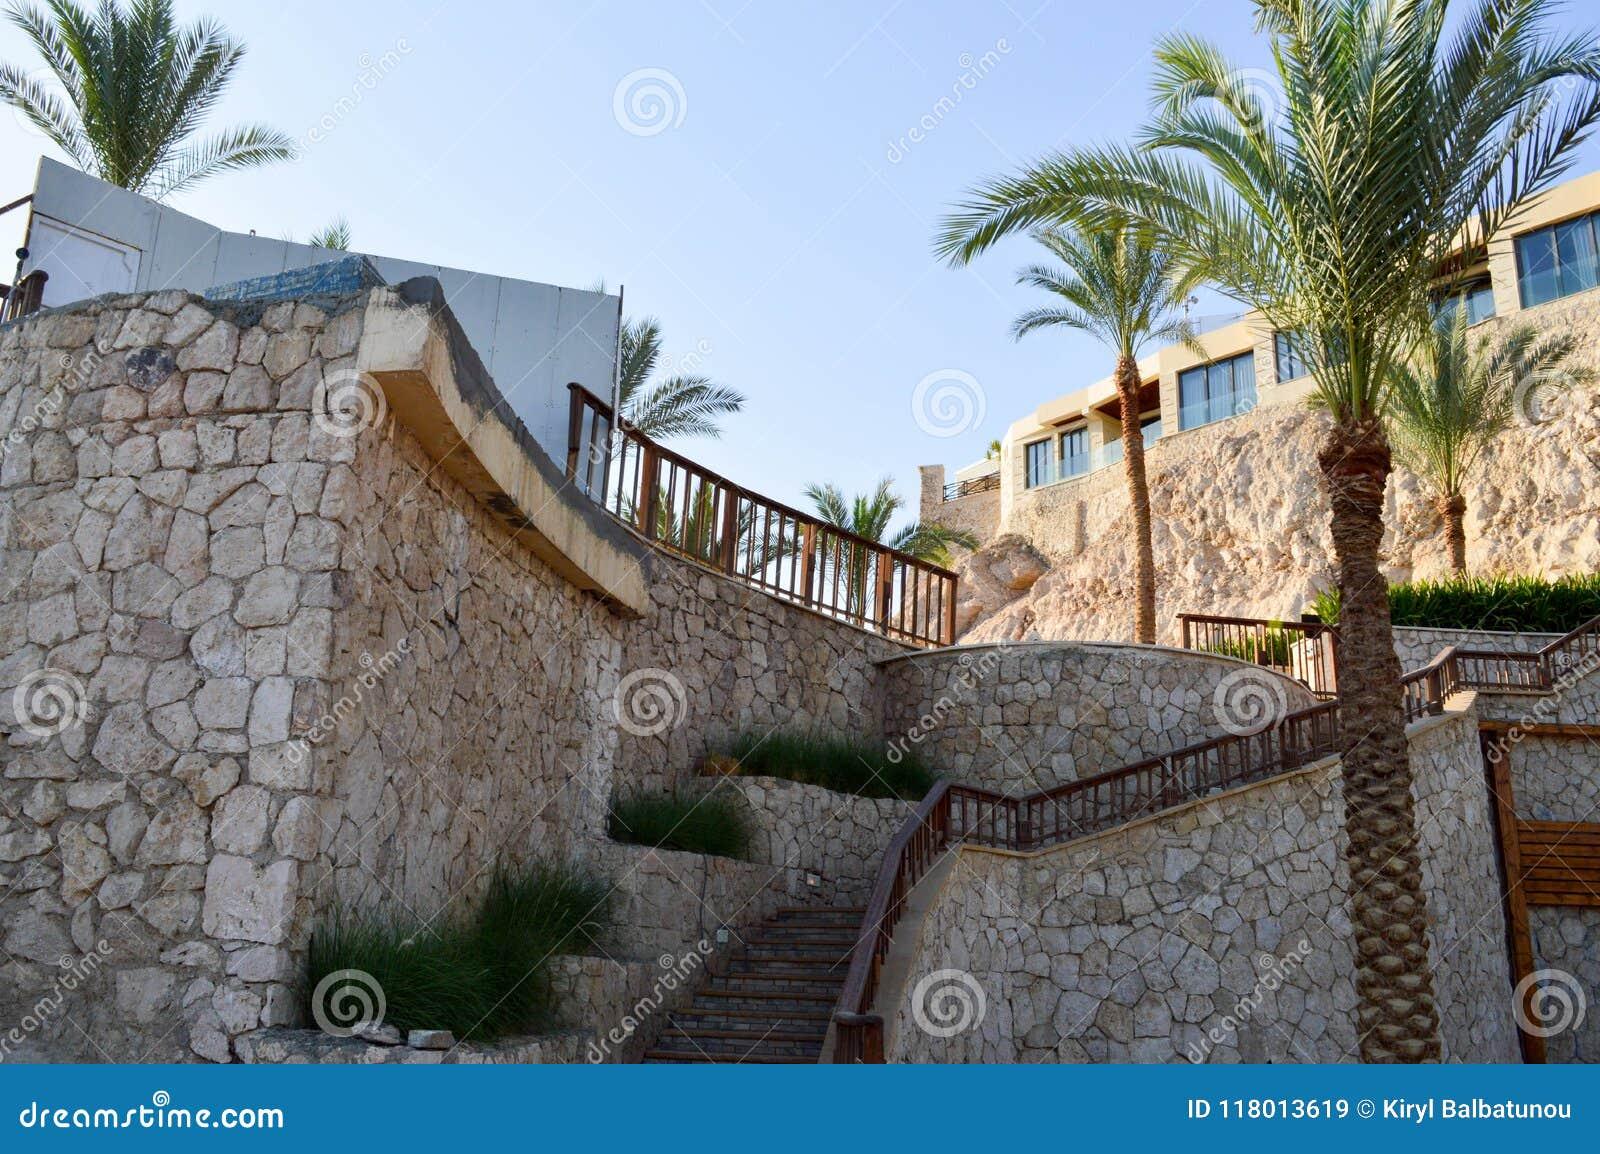 Gammal stor trappuppgång och härliga tropiska palmträd med gröna filialer mot bakgrunden av fönster och en brant sandig cli